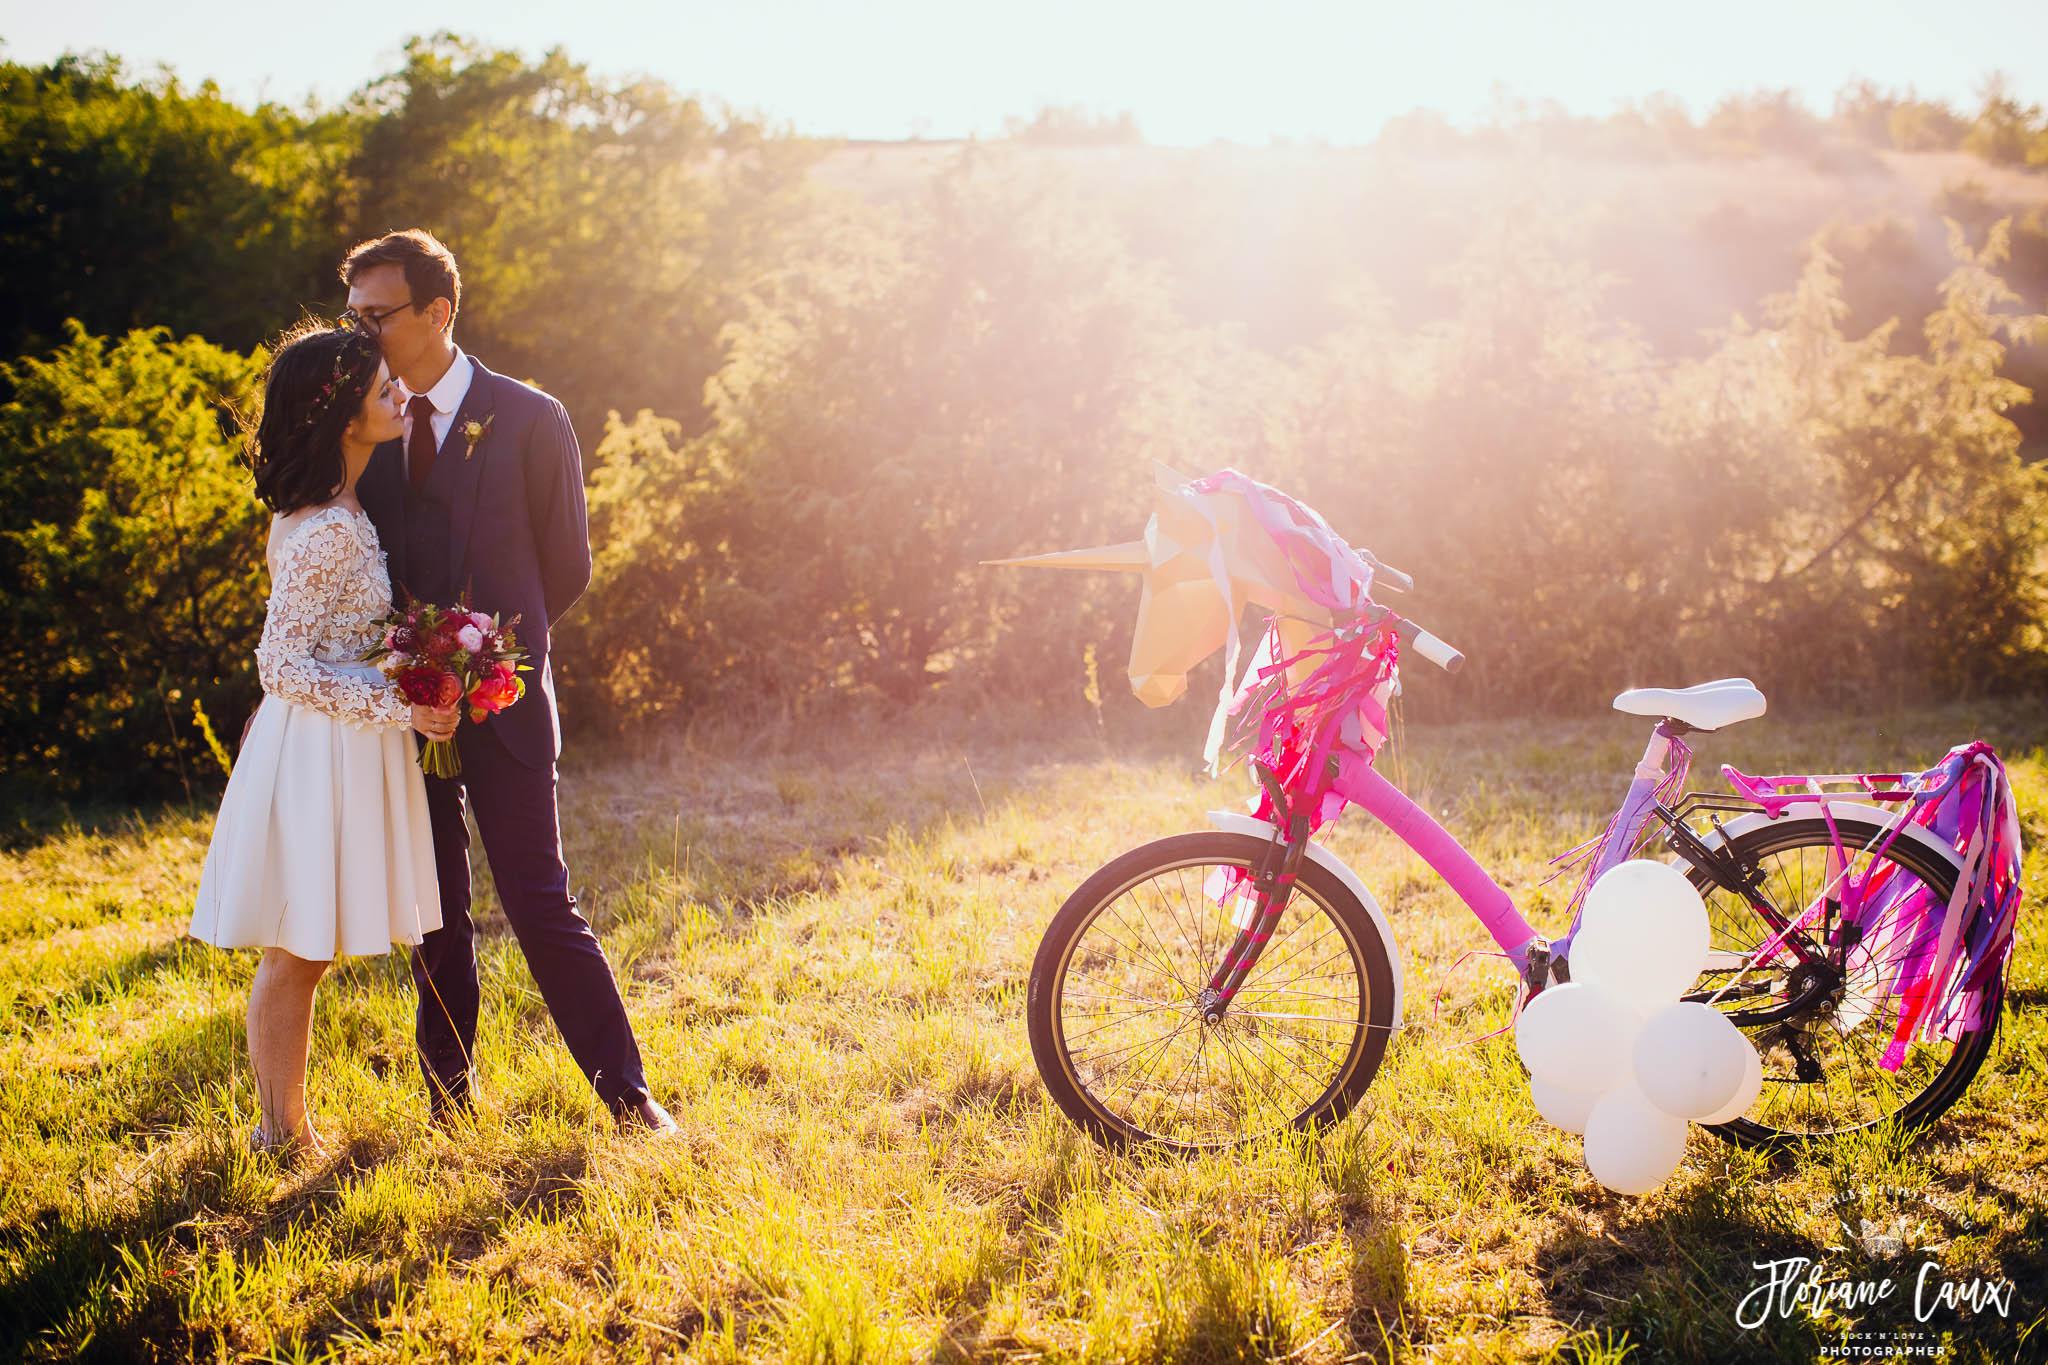 photographe-mariage-funky-licorne-fumigenes-badass-1